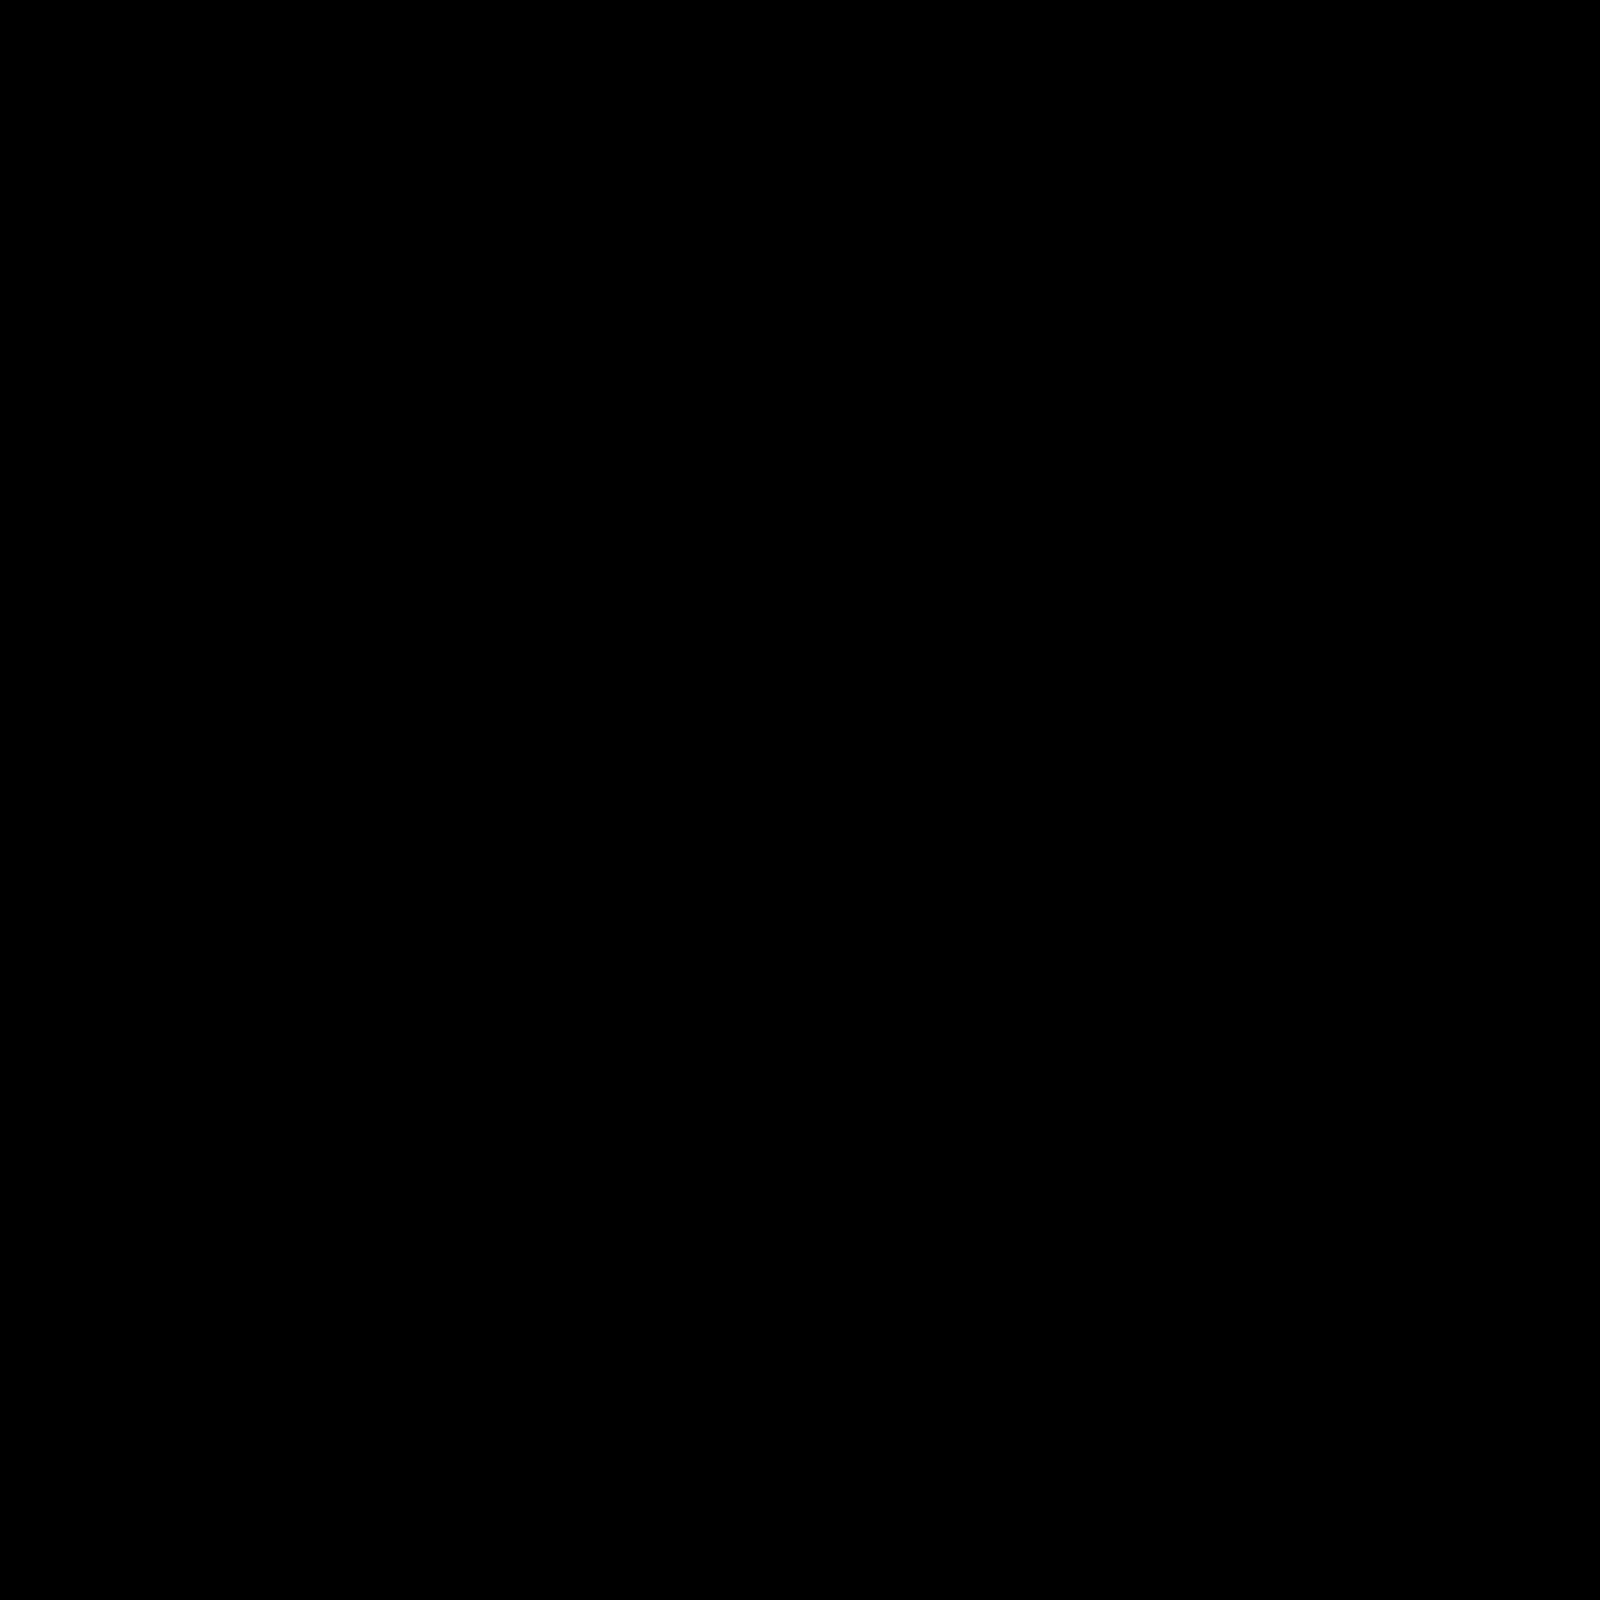 Shutdown Filled icon